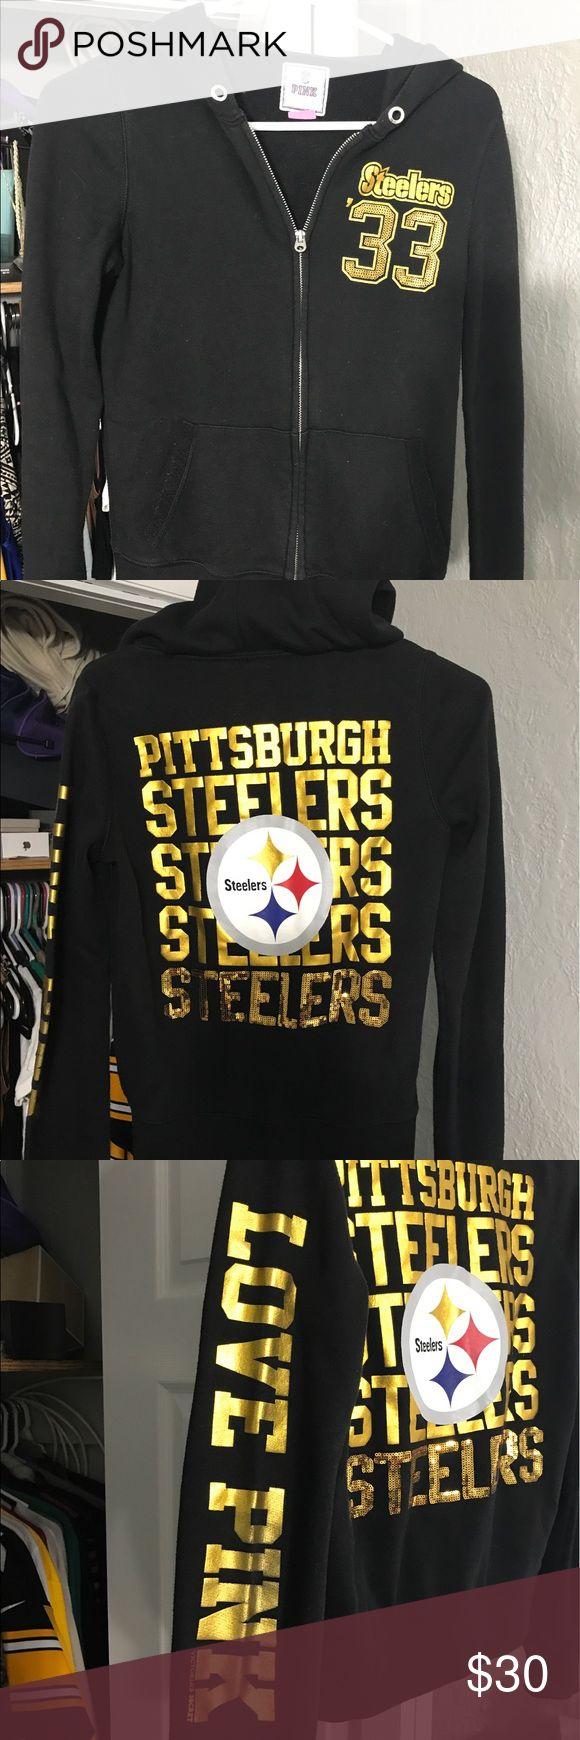 PINK Victoria's Secret Steelers Zip Up Hoodie Size small PINK Victoria's Secret Steelers hoodie. Black and gold, zip up, with sequin detailing. PINK Victoria's Secret Tops Sweatshirts & Hoodies